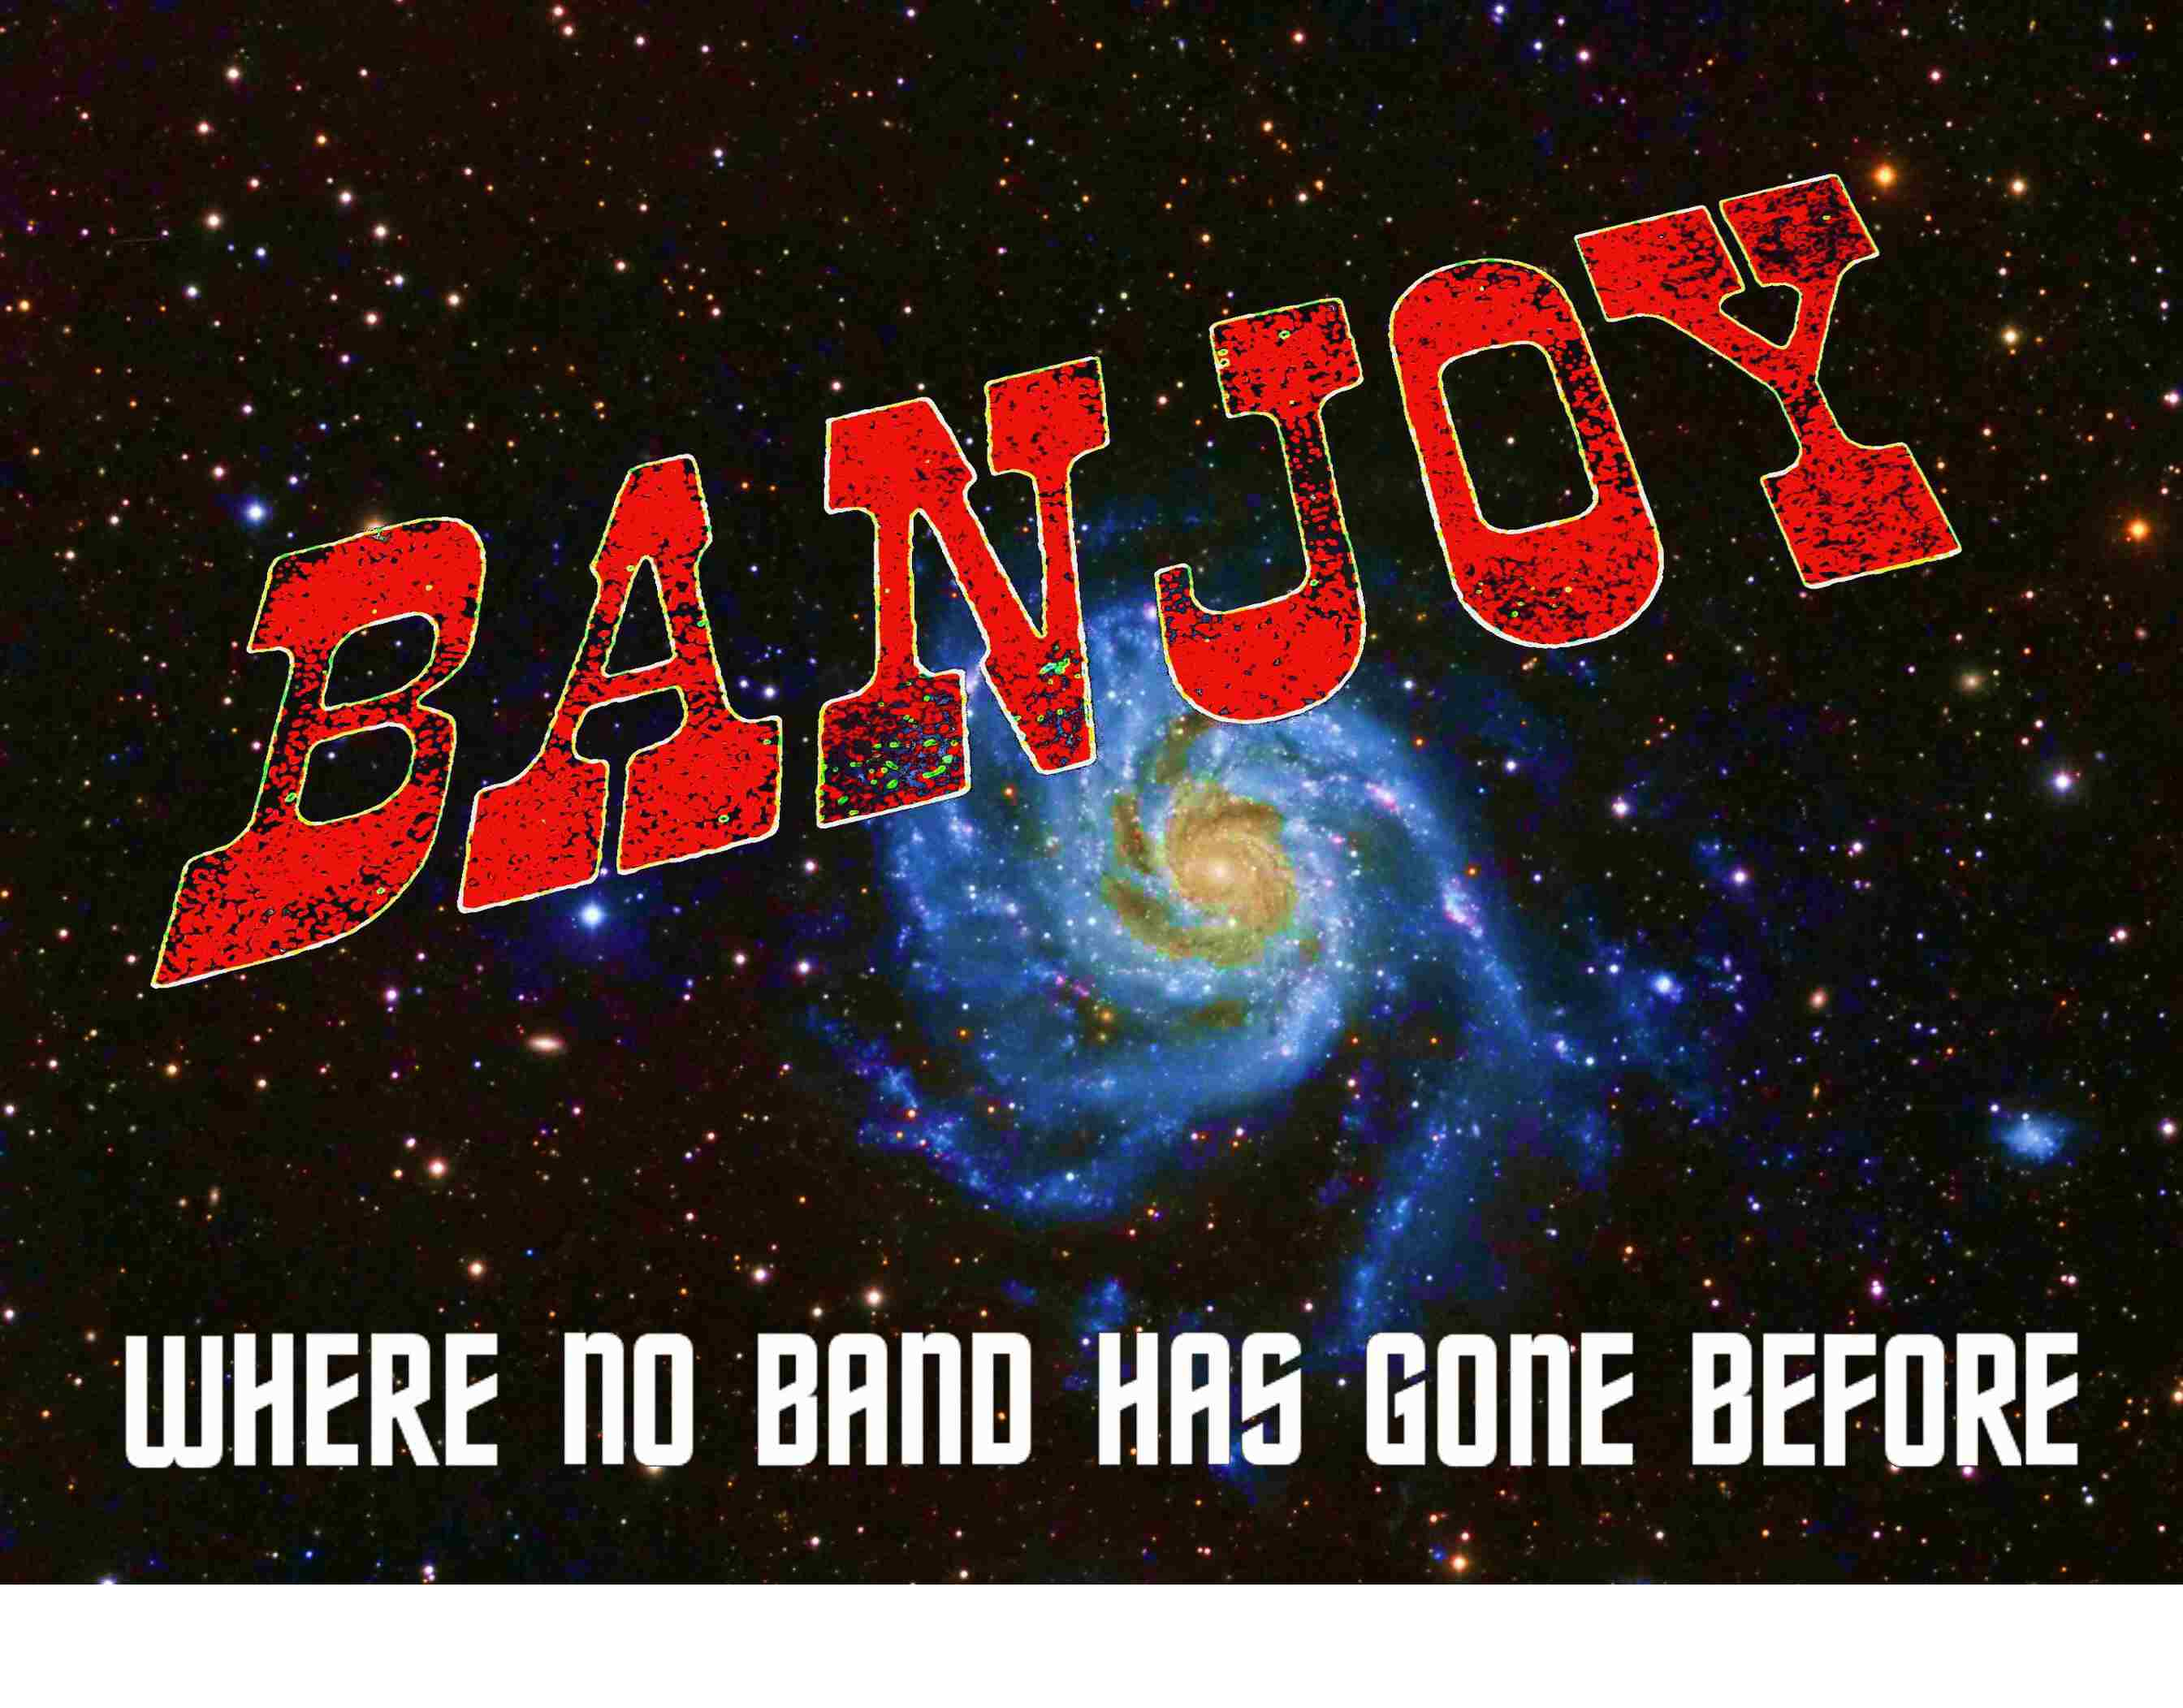 Banjoy Galaxy Where No Band 2